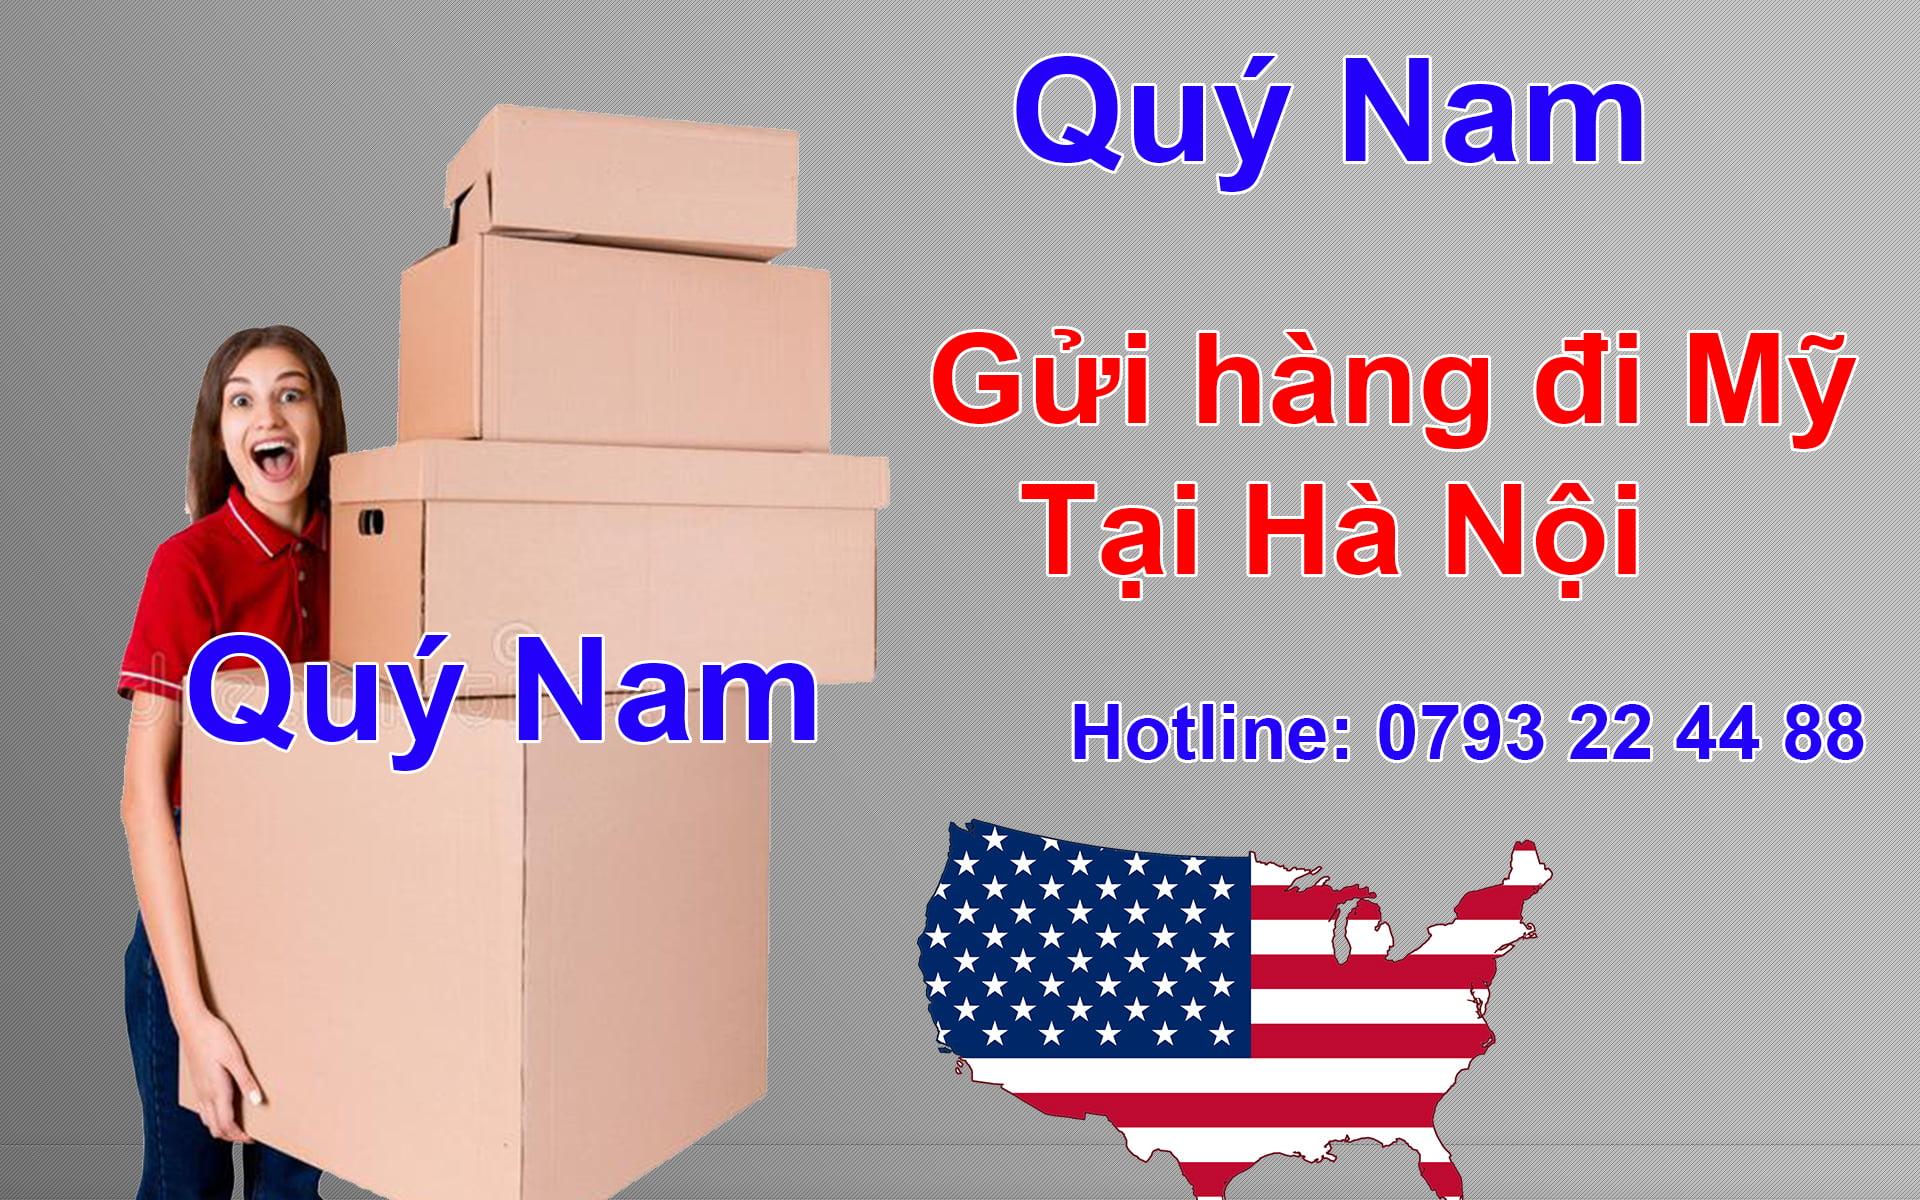 Dịch vụ vận gửi hàng đi Mỹ phát triển và có nhiều đơn vị cung cấp